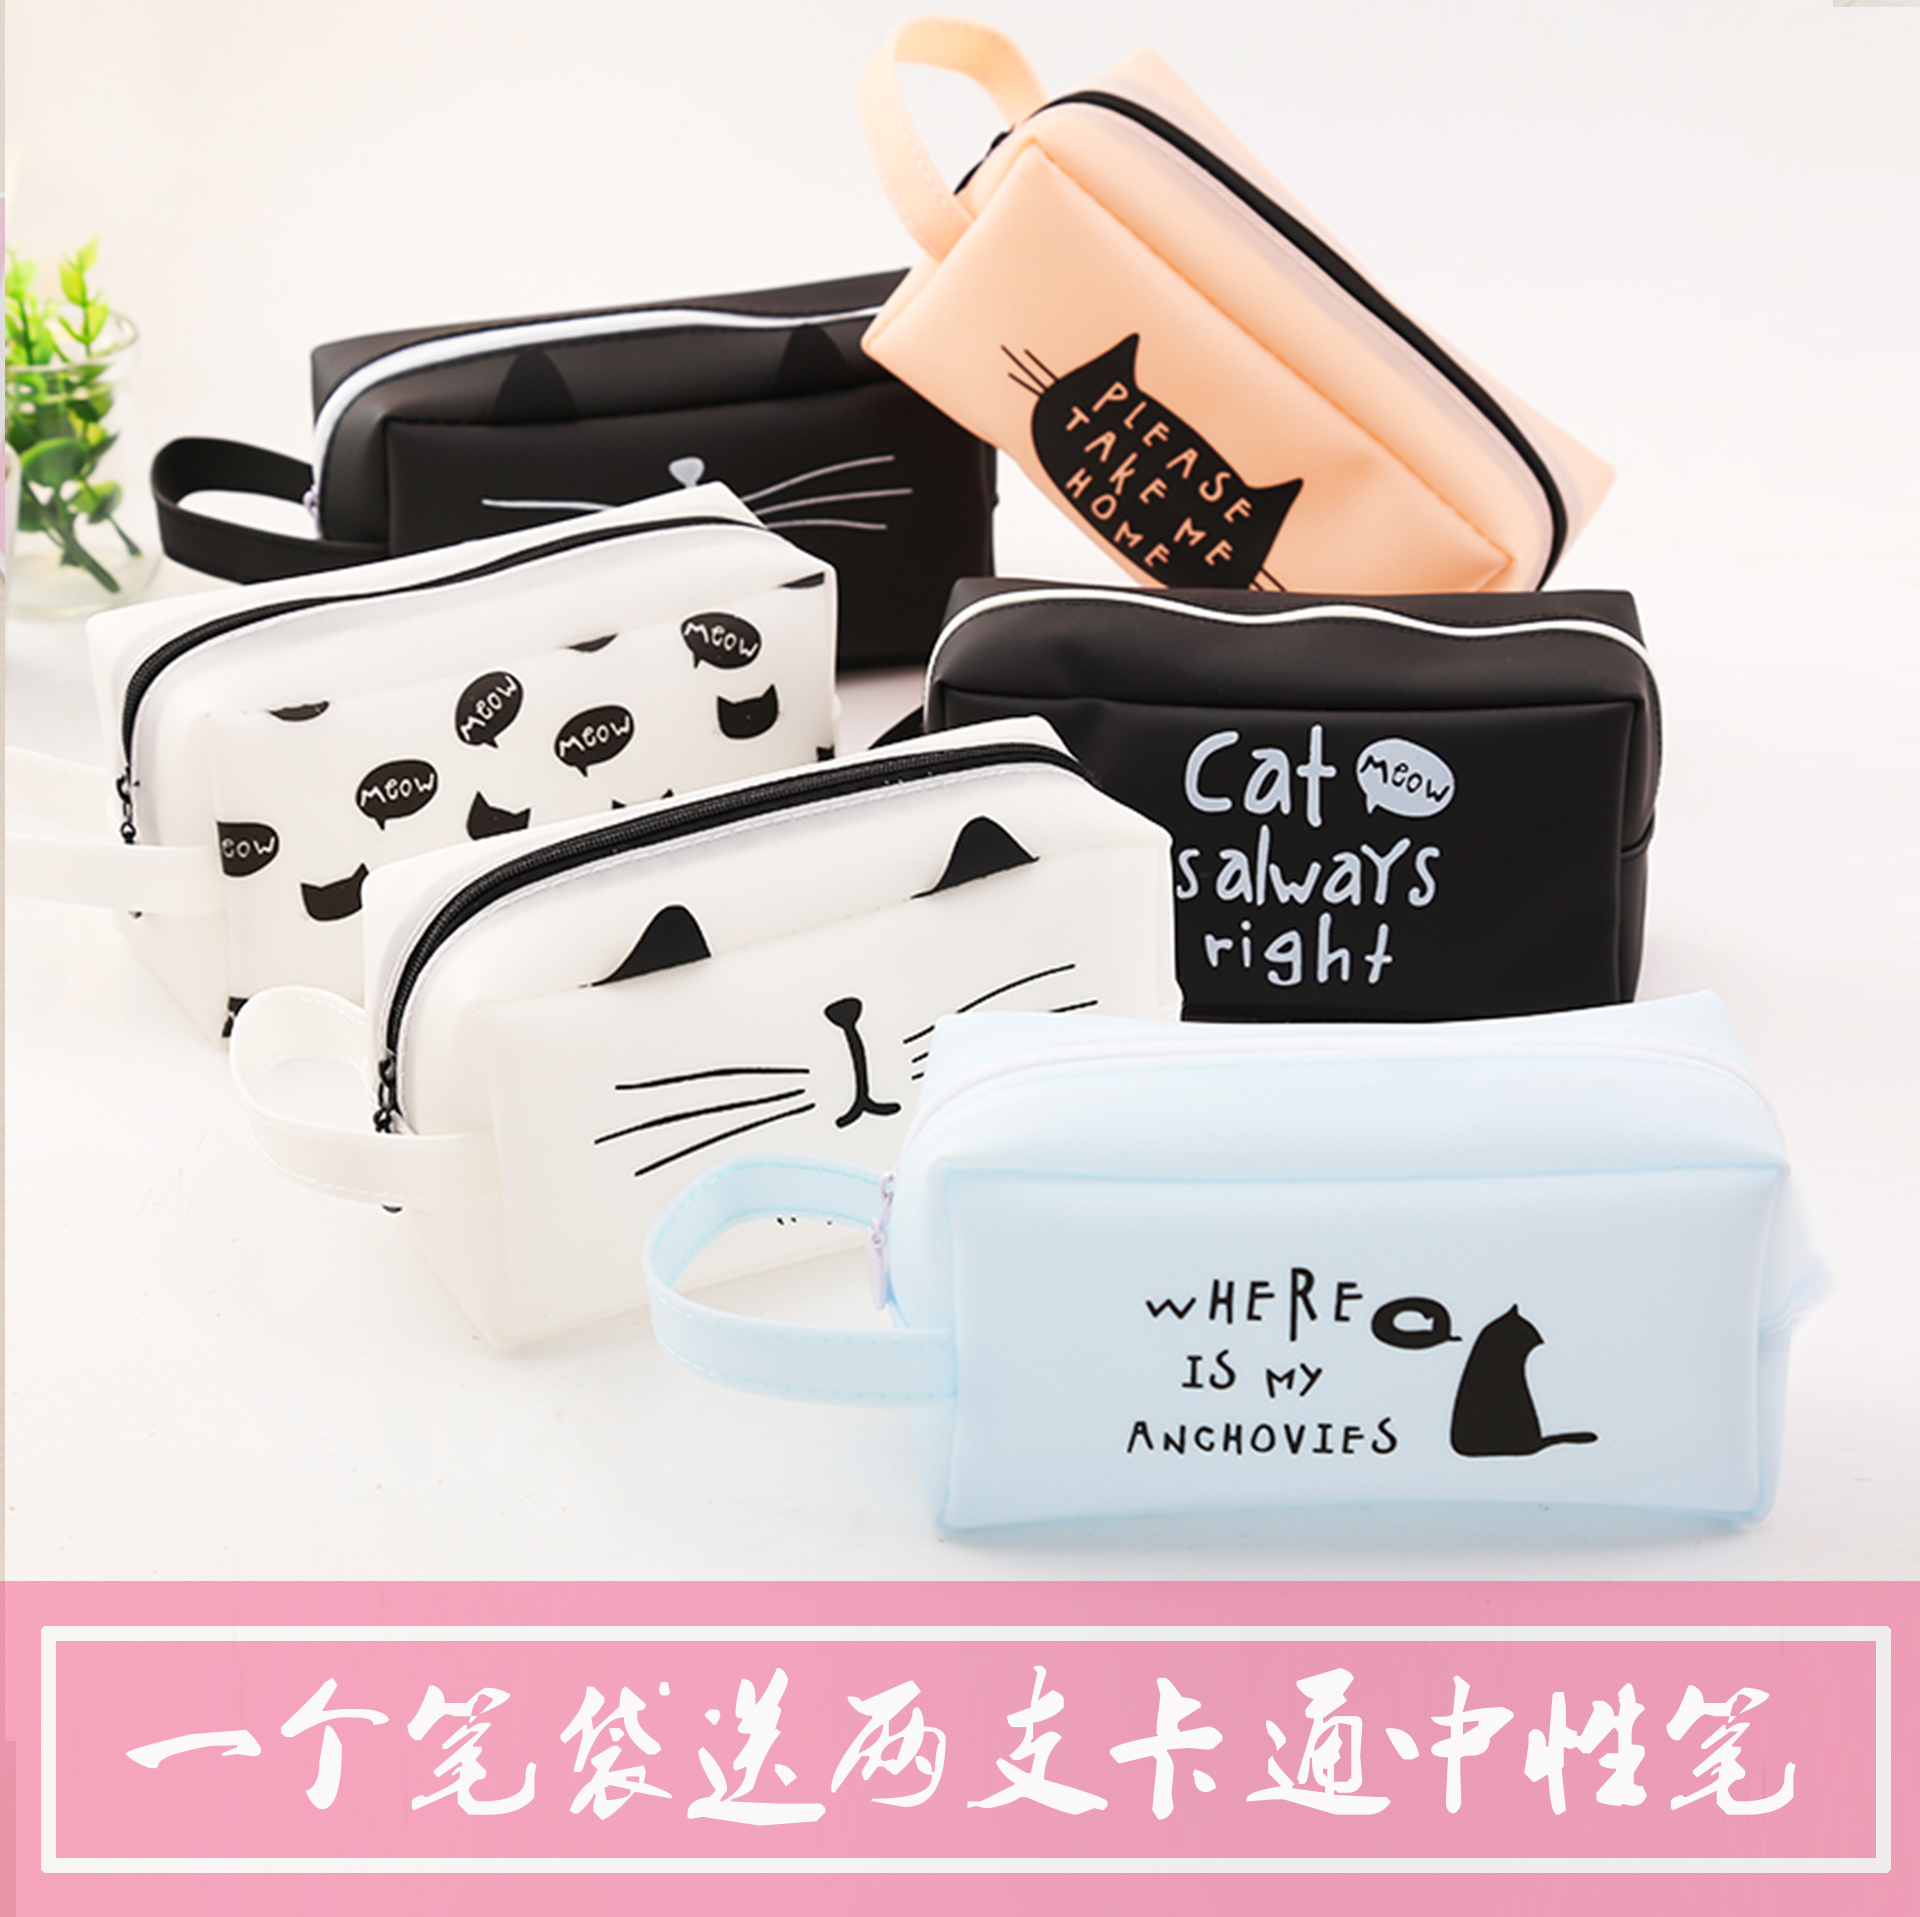 特价新款韩版猫咪笔袋卡通学生笔袋大容量创意文具笔袋一件包邮